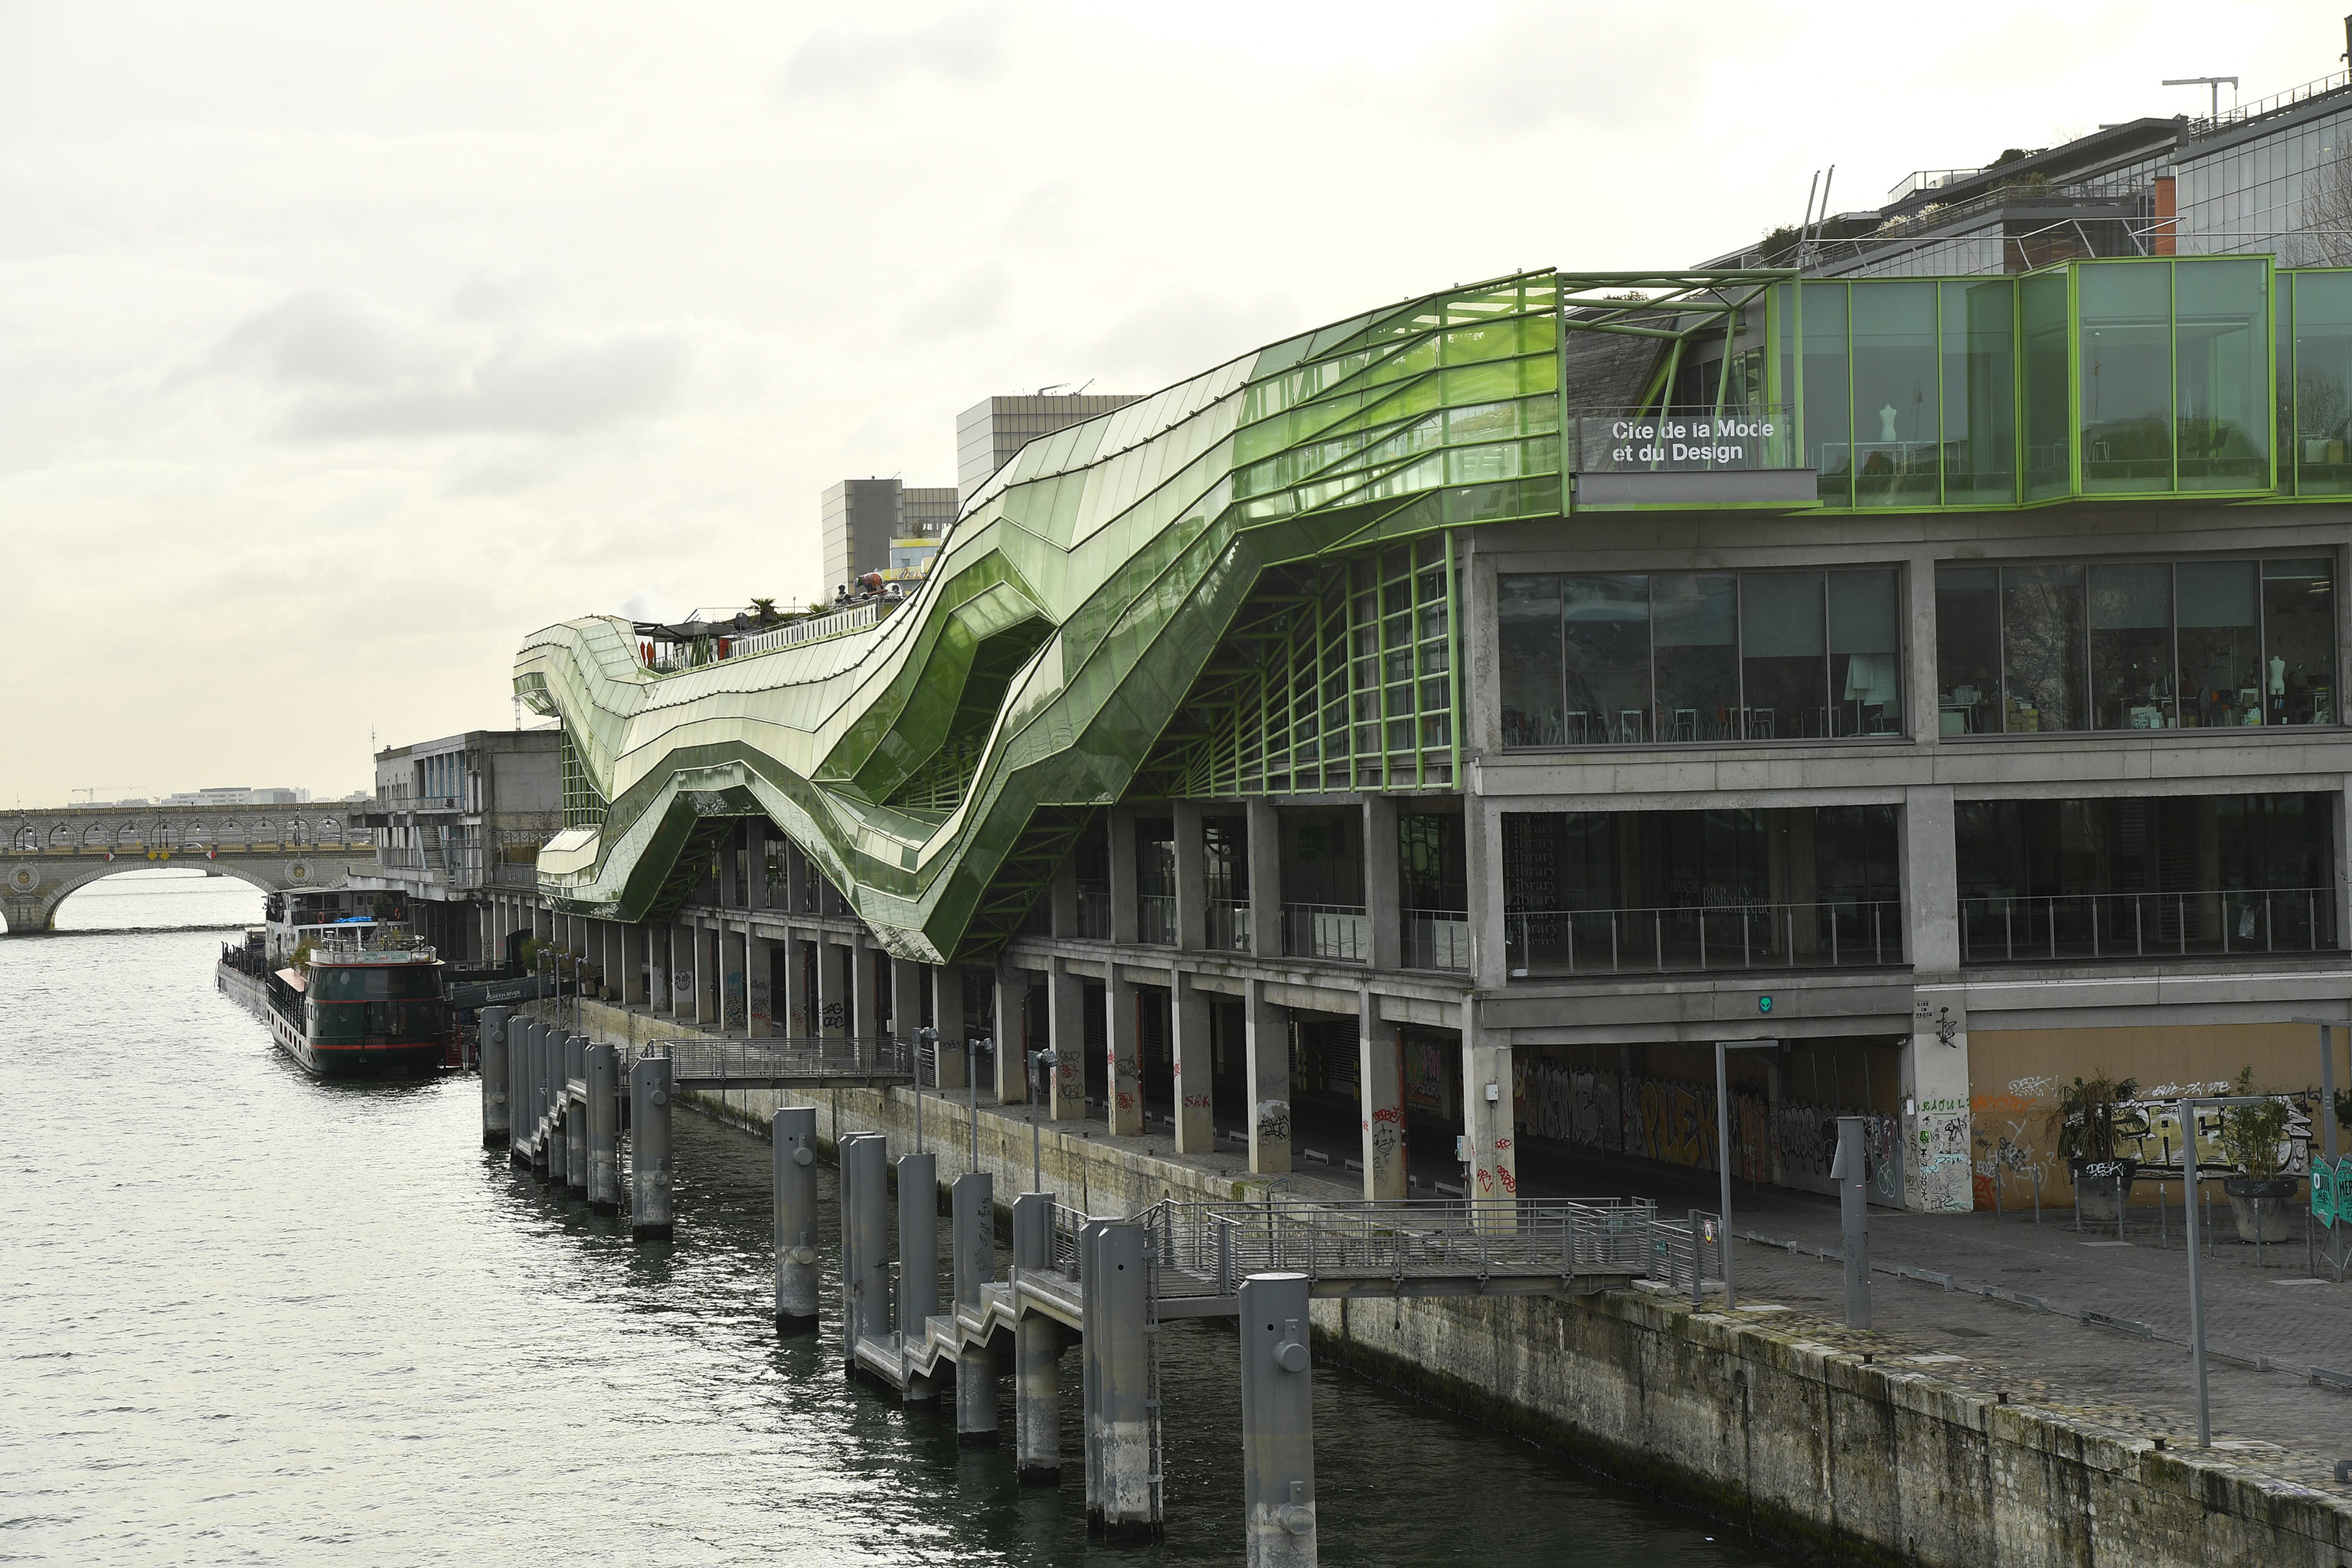 The Cité de la mode et du design